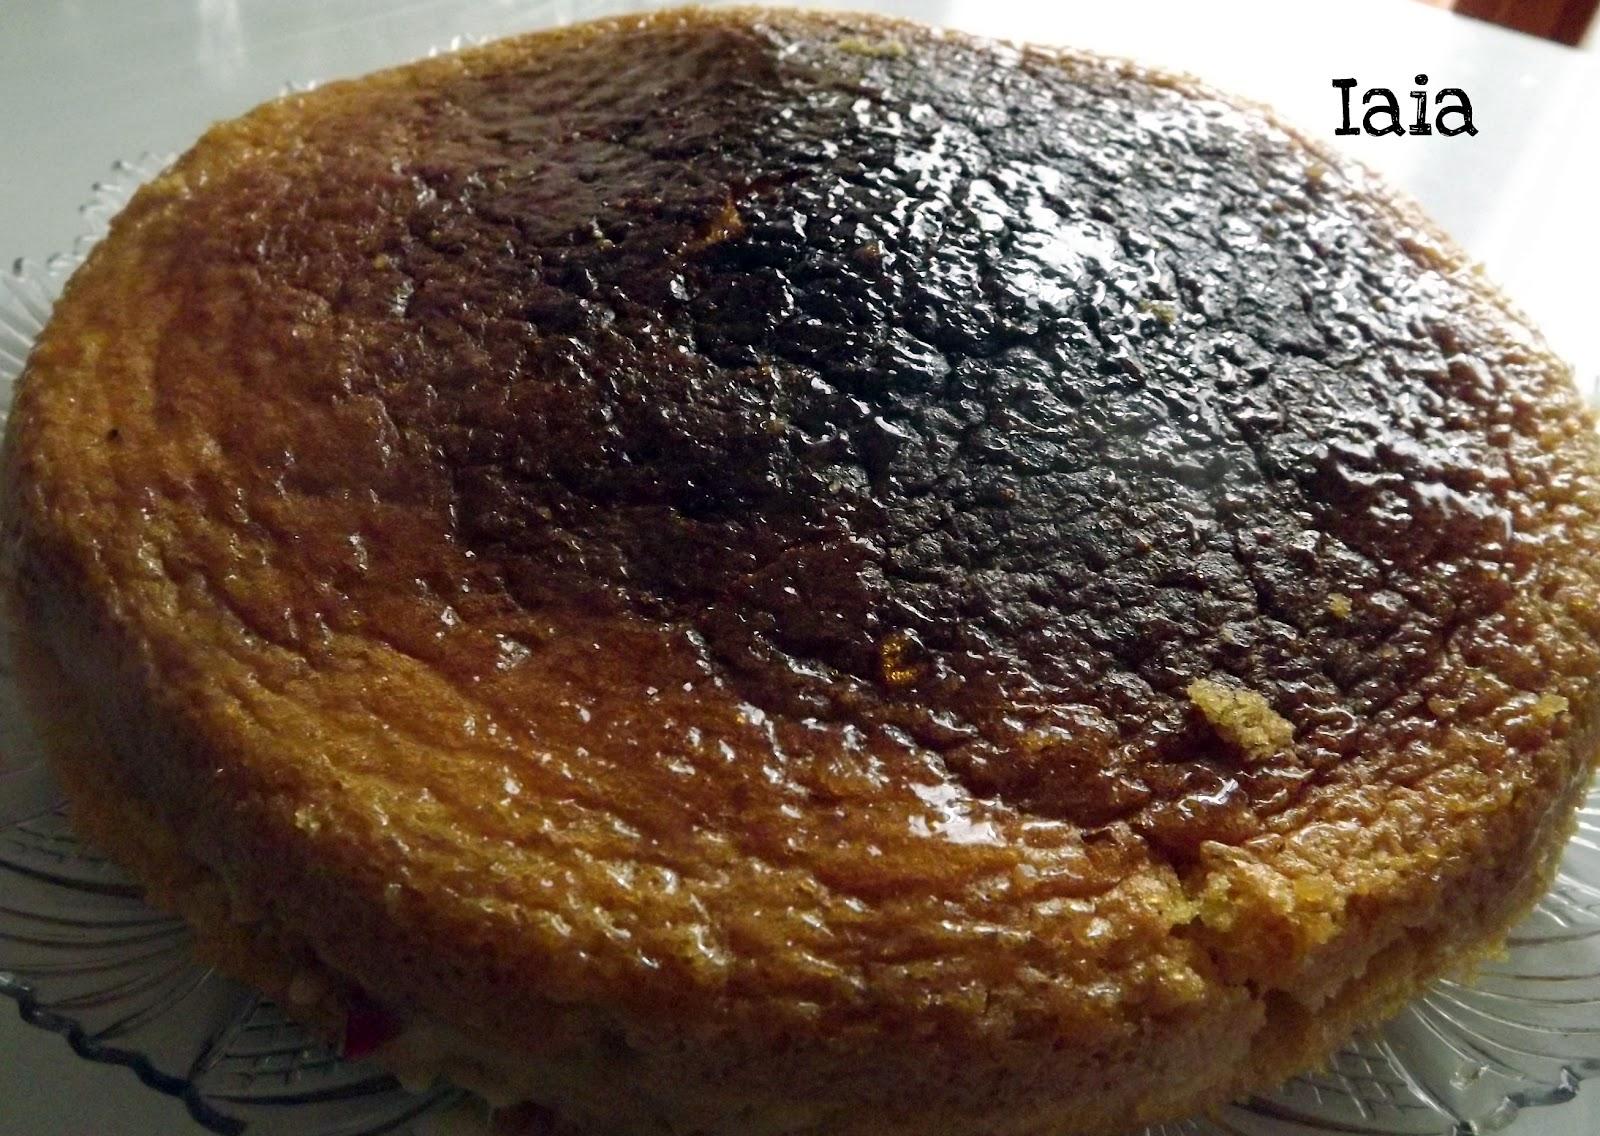 Pan di spagna senza glutine da iaia in cucina con semplicit su akkiapparicette - Glassa a specchio su pan di spagna ...